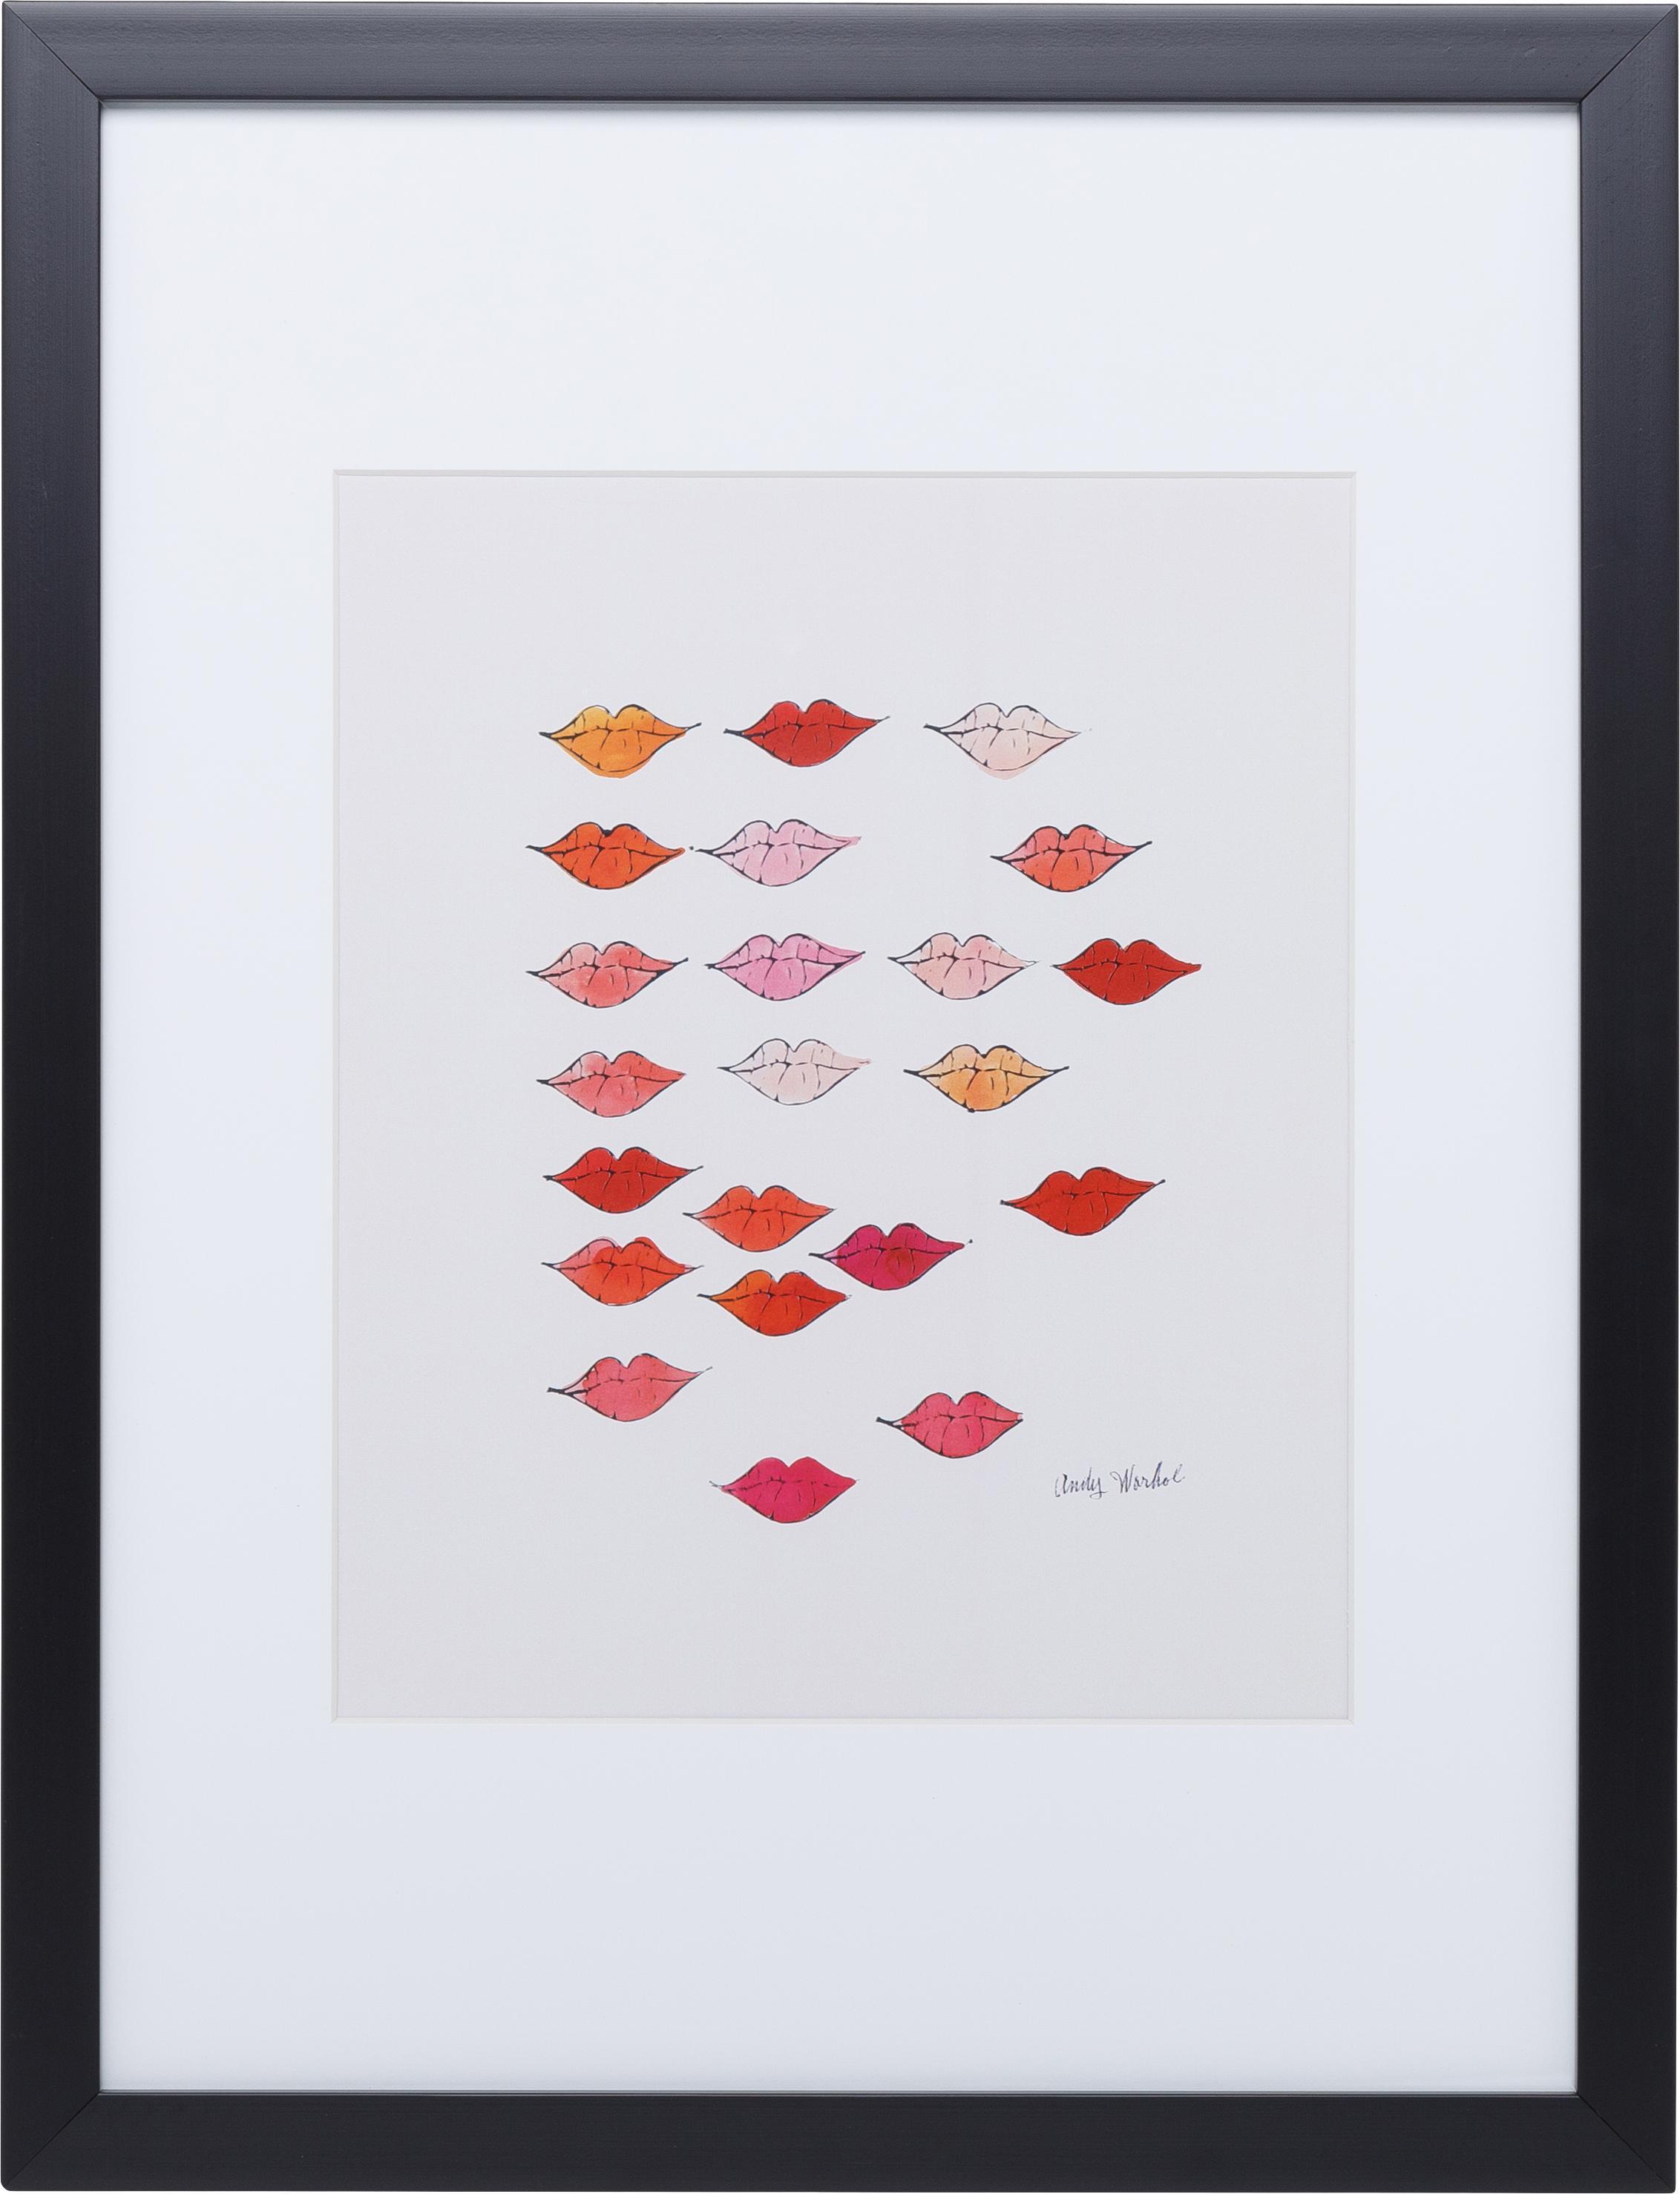 """Gerahmter Digitaldruck Kiss """"Andy Warhol Collection"""", Bild: Digitaldruck, Rahmen: Kunststoff, Front: Glas, Bild: Mehrfarbig</p><p>Rahmen: Schwarz, 33 x 38 cm"""